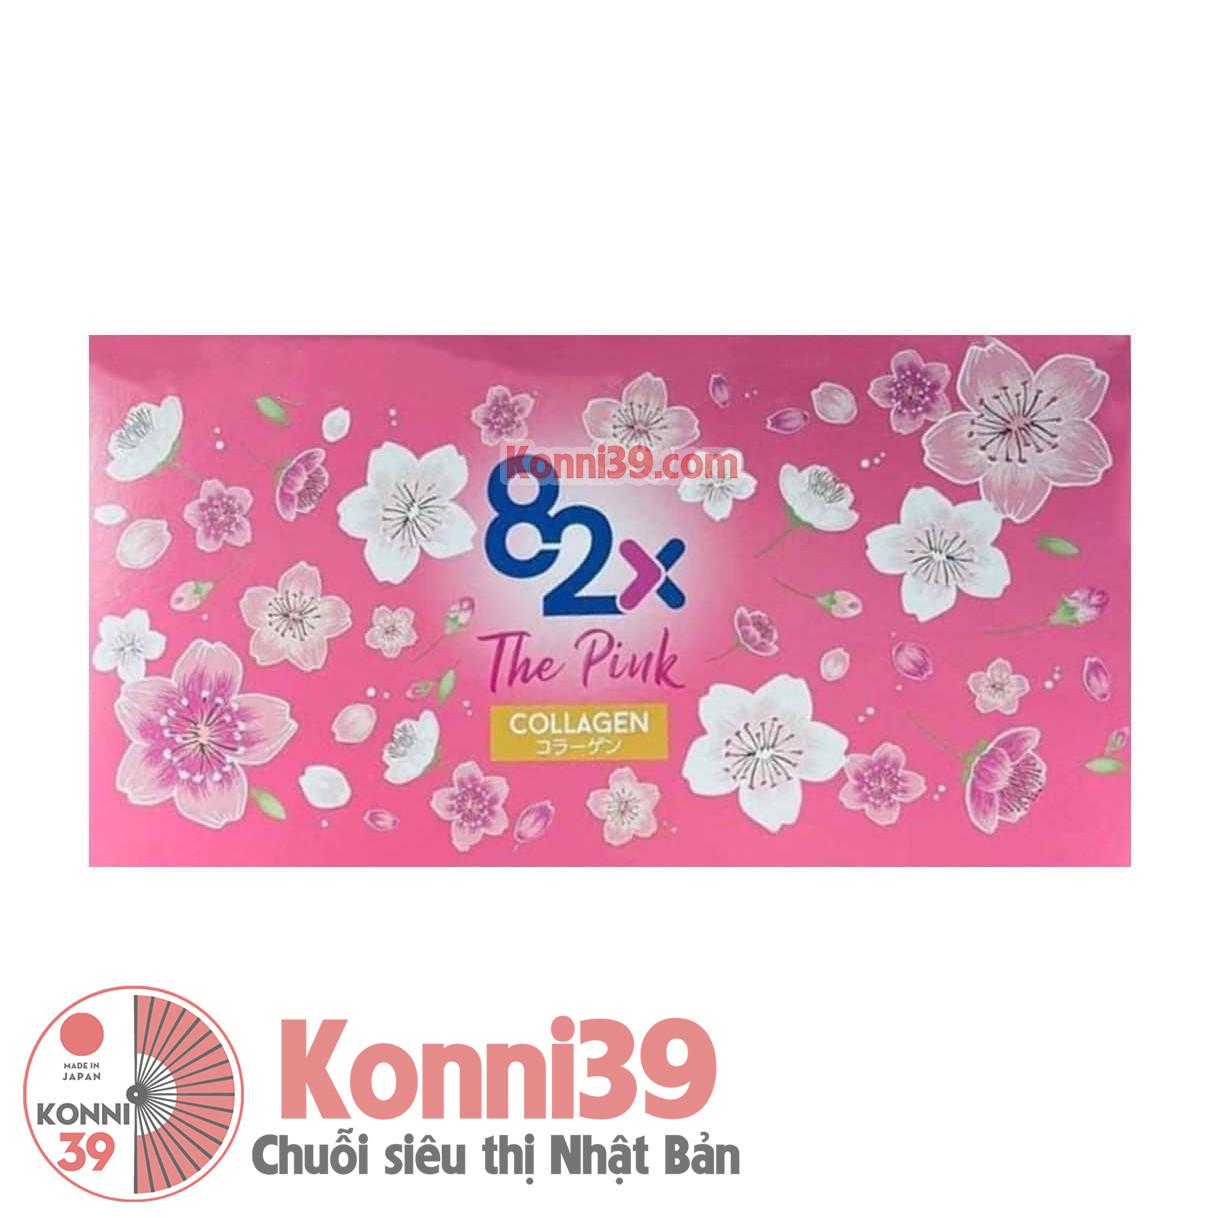 collagen-82x-the-pink-100ml